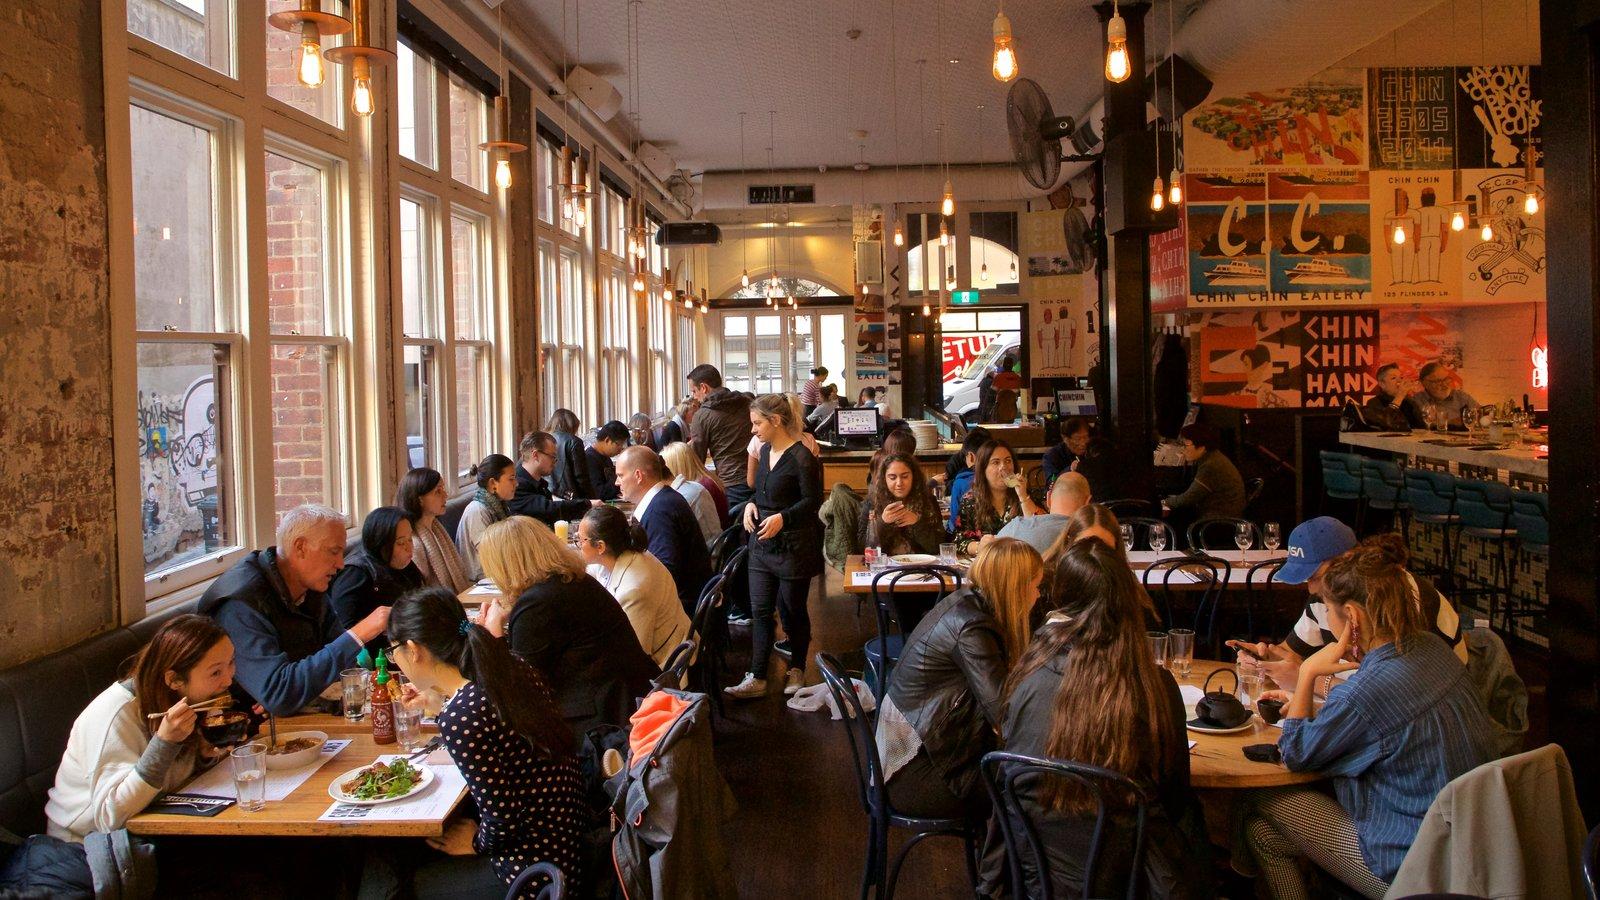 Docklands que incluye vistas interiores y escenas de café y también un gran grupo de personas